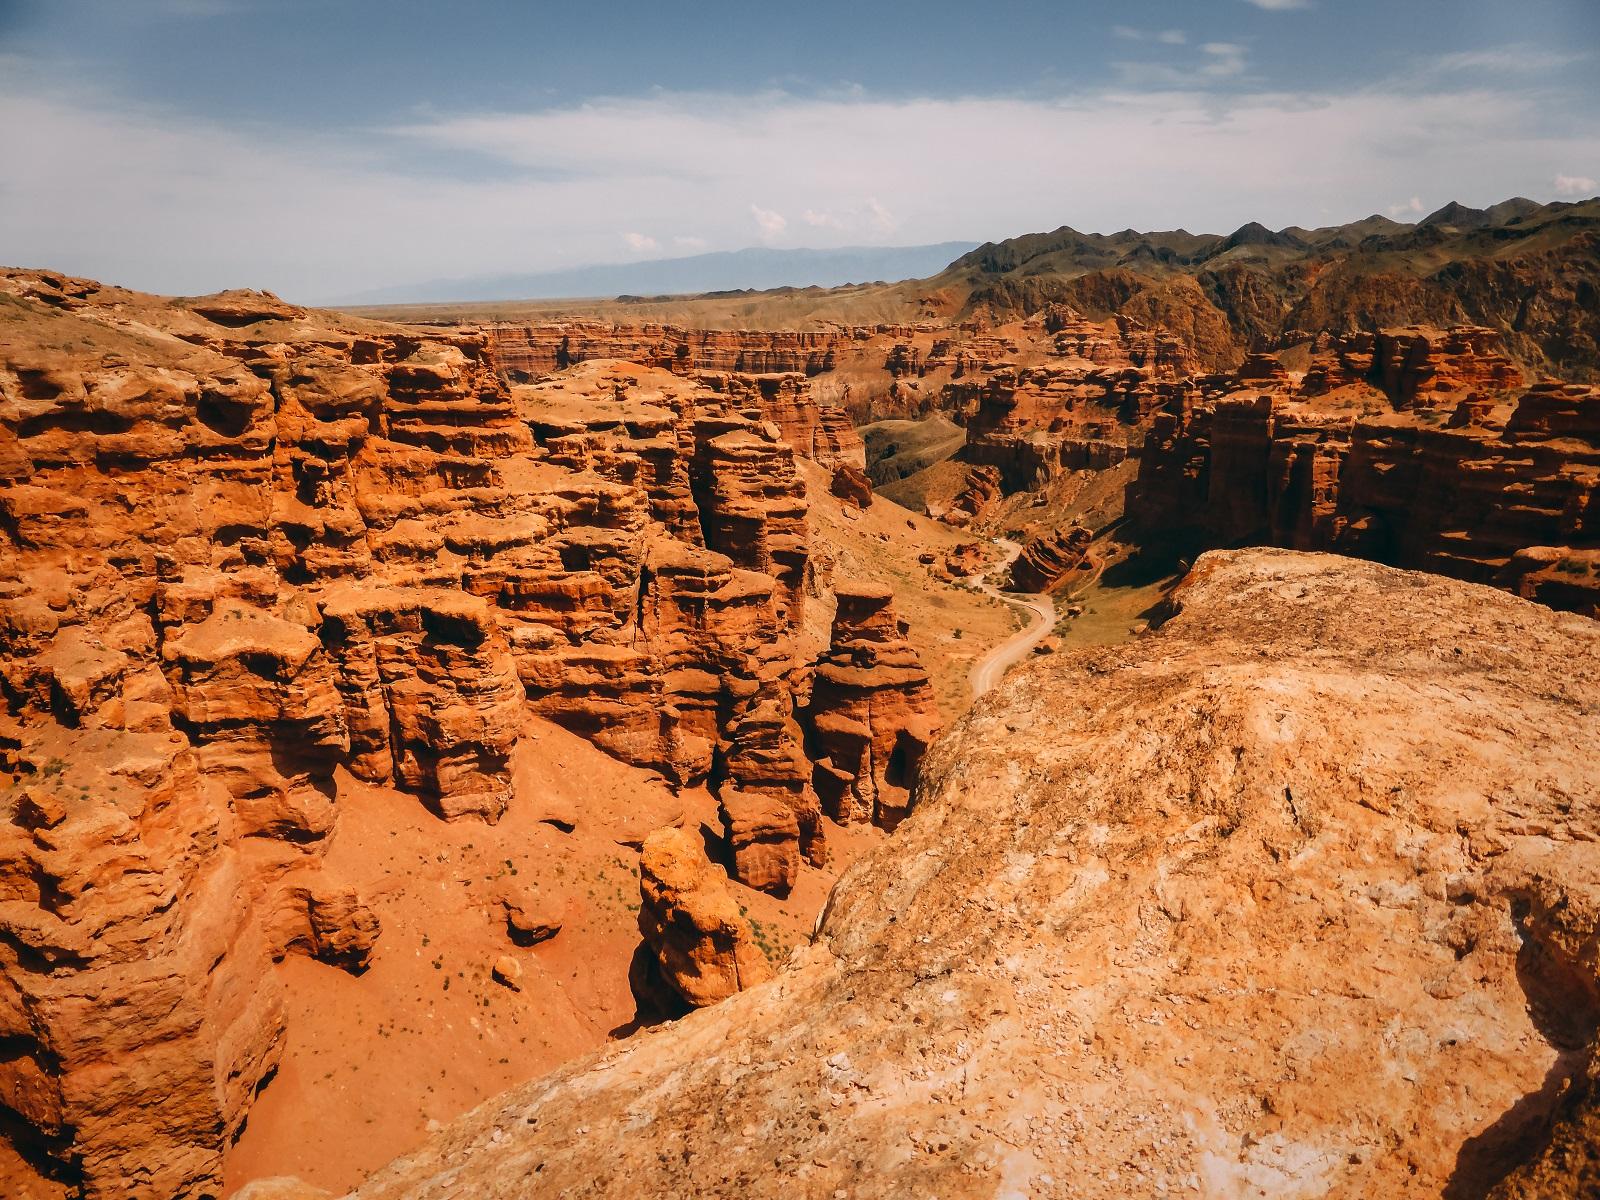 Kazakhstan's Charyn Canyon